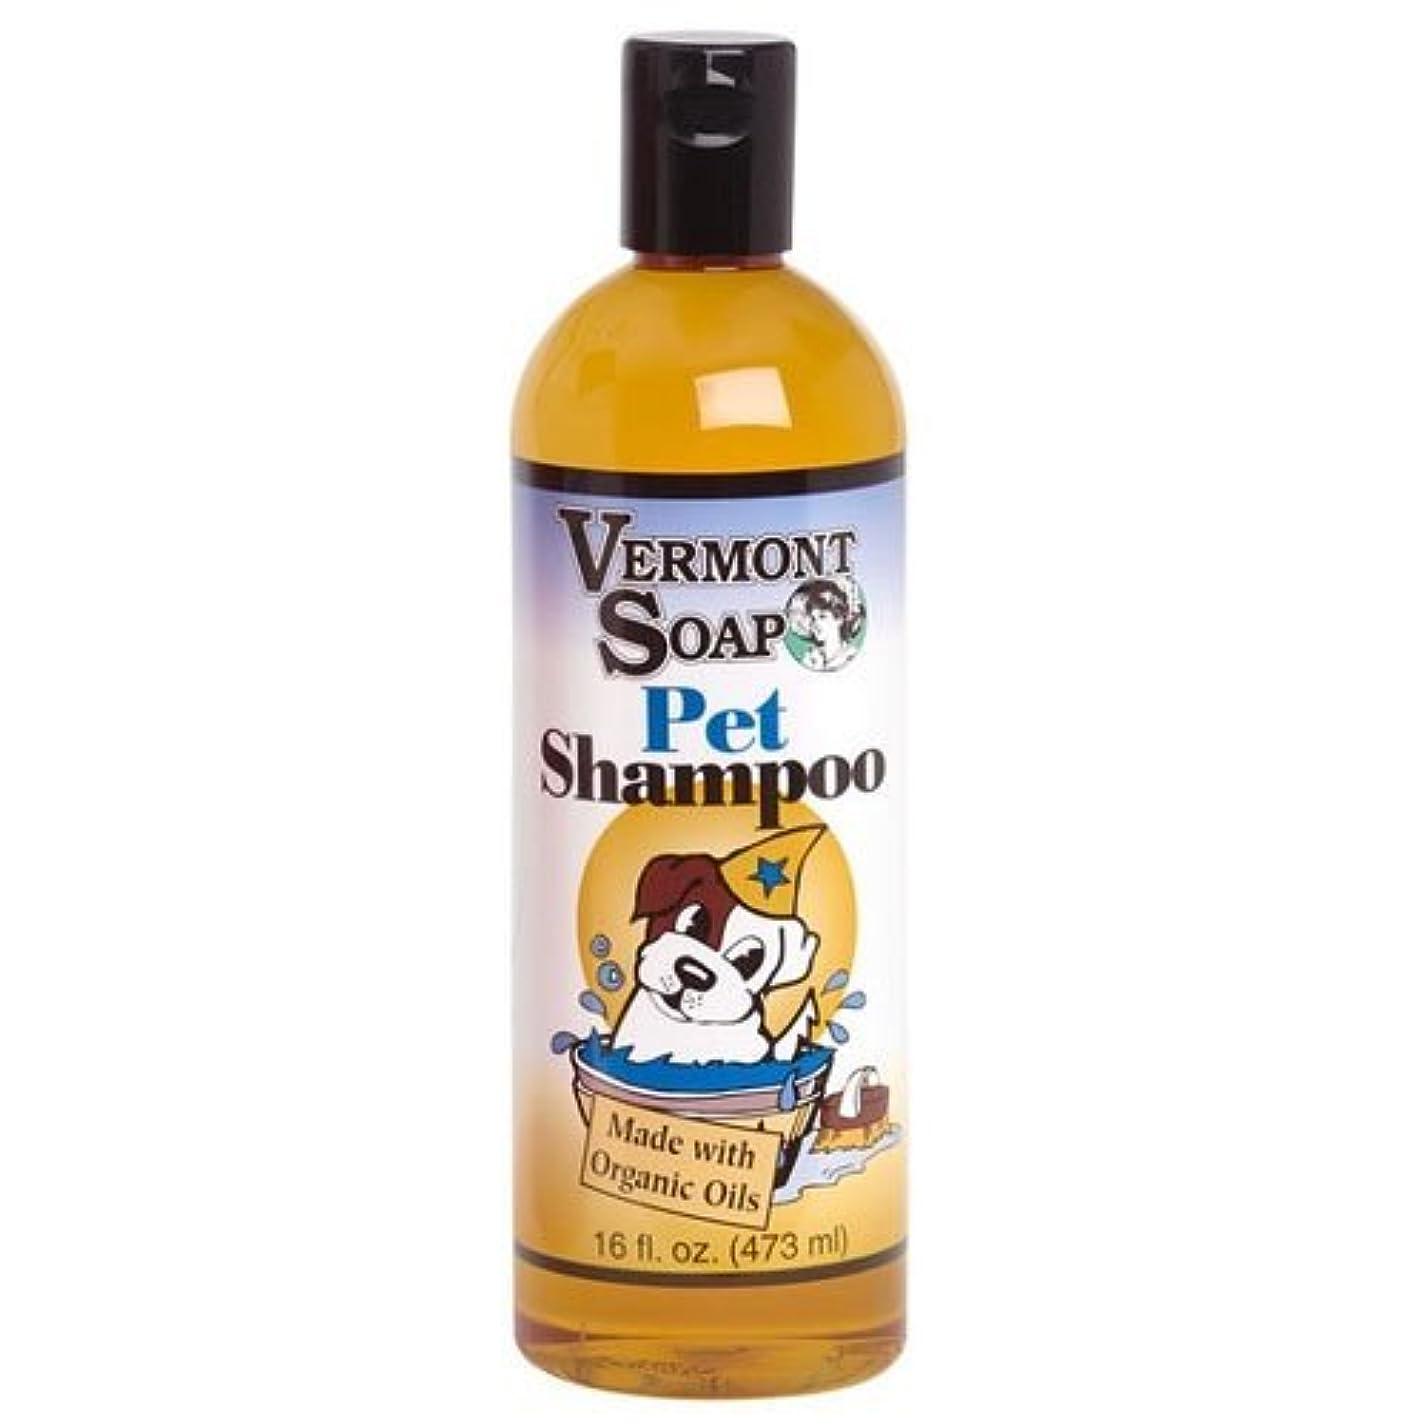 汚染するホースフィヨルドバーモントソープ オーガニック ペットシャンプー Pet Shampoo